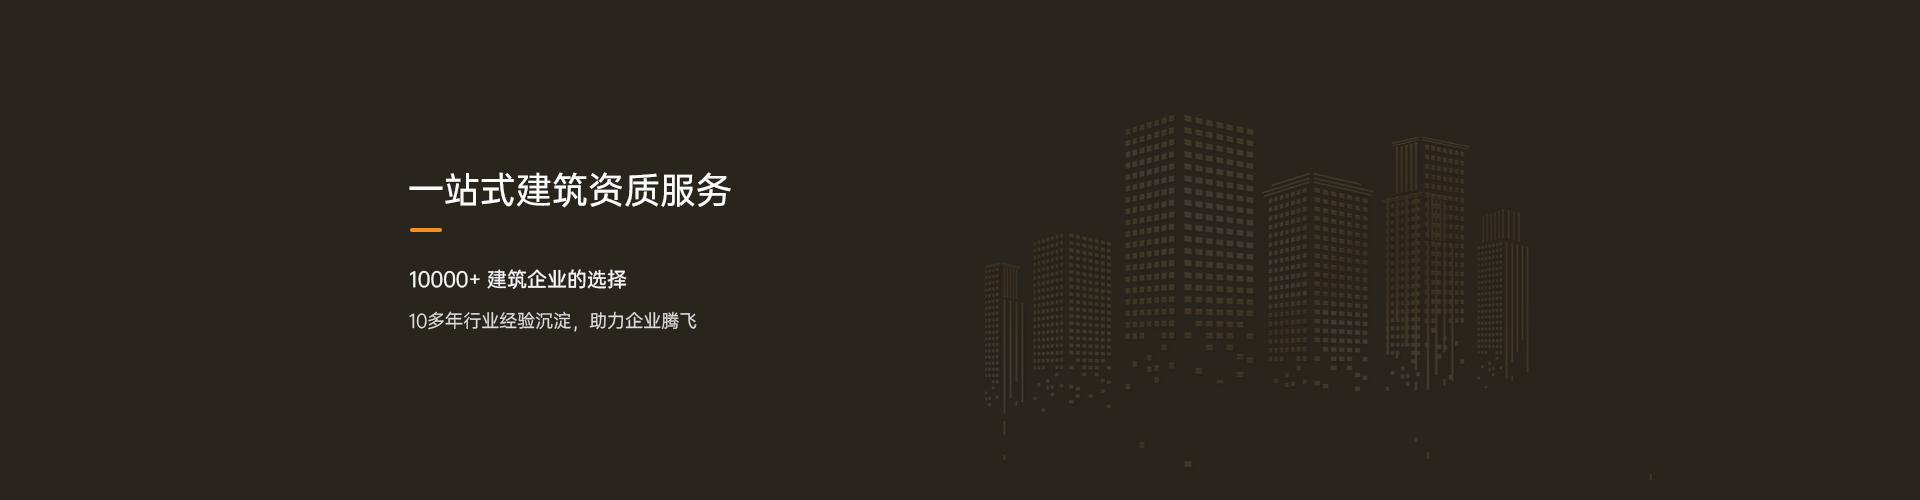 一站式建筑资质服务平台